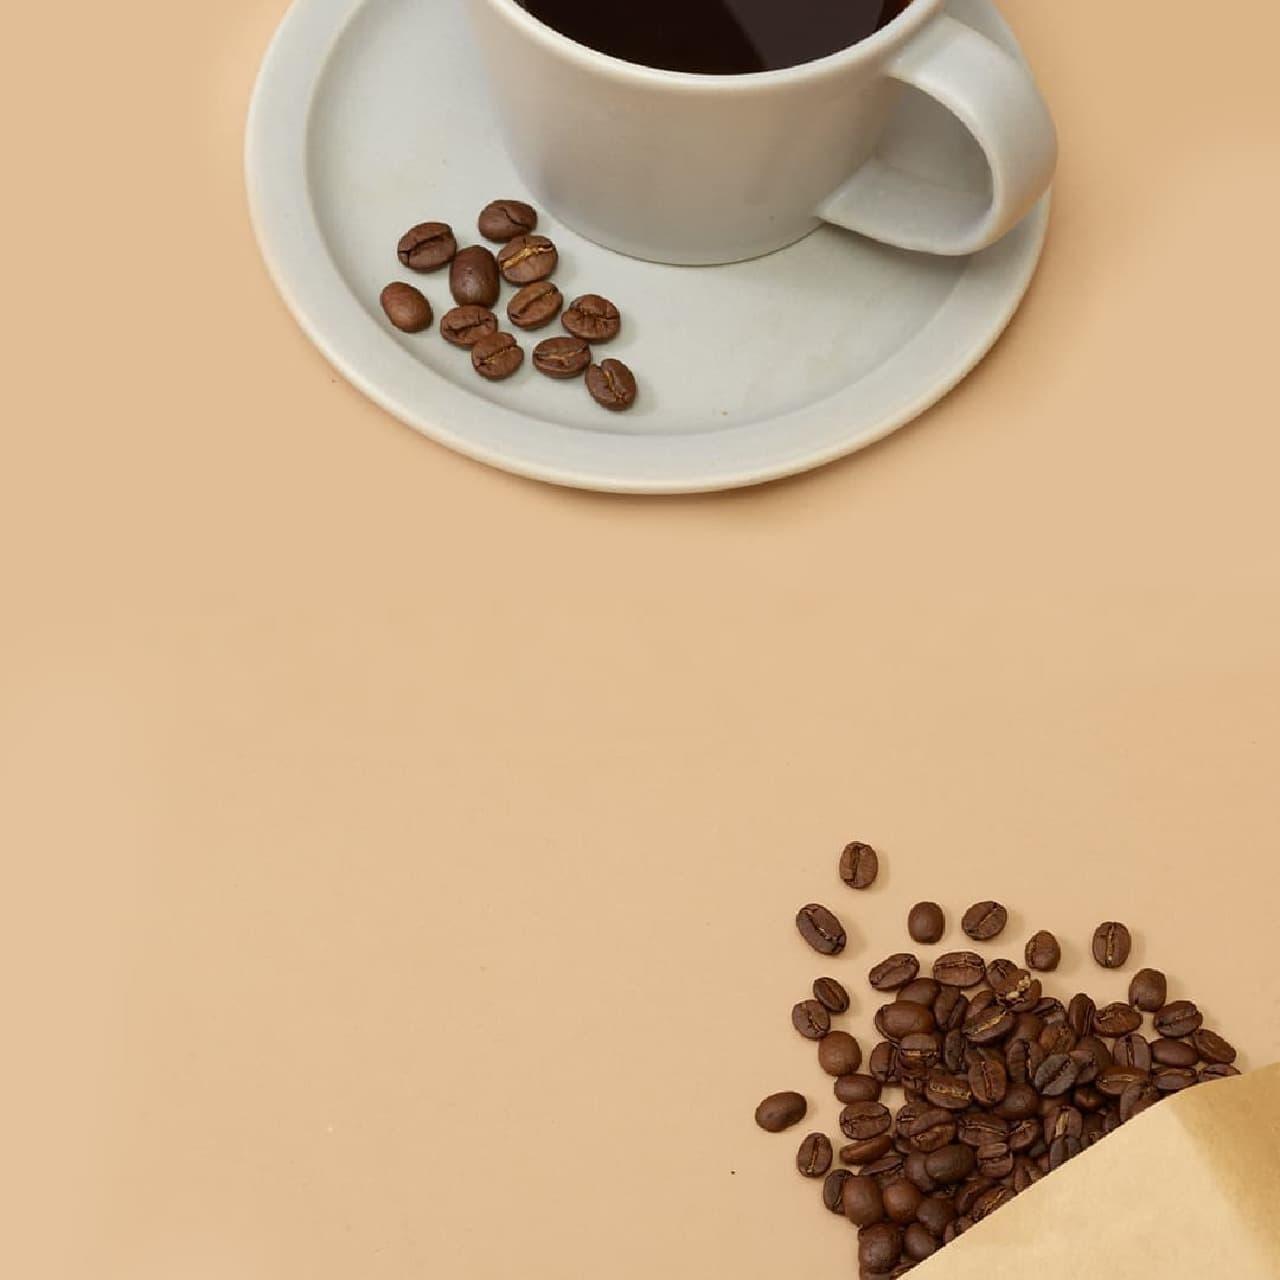 歳の数だけ挽くコーヒー豆「節分珈琲」